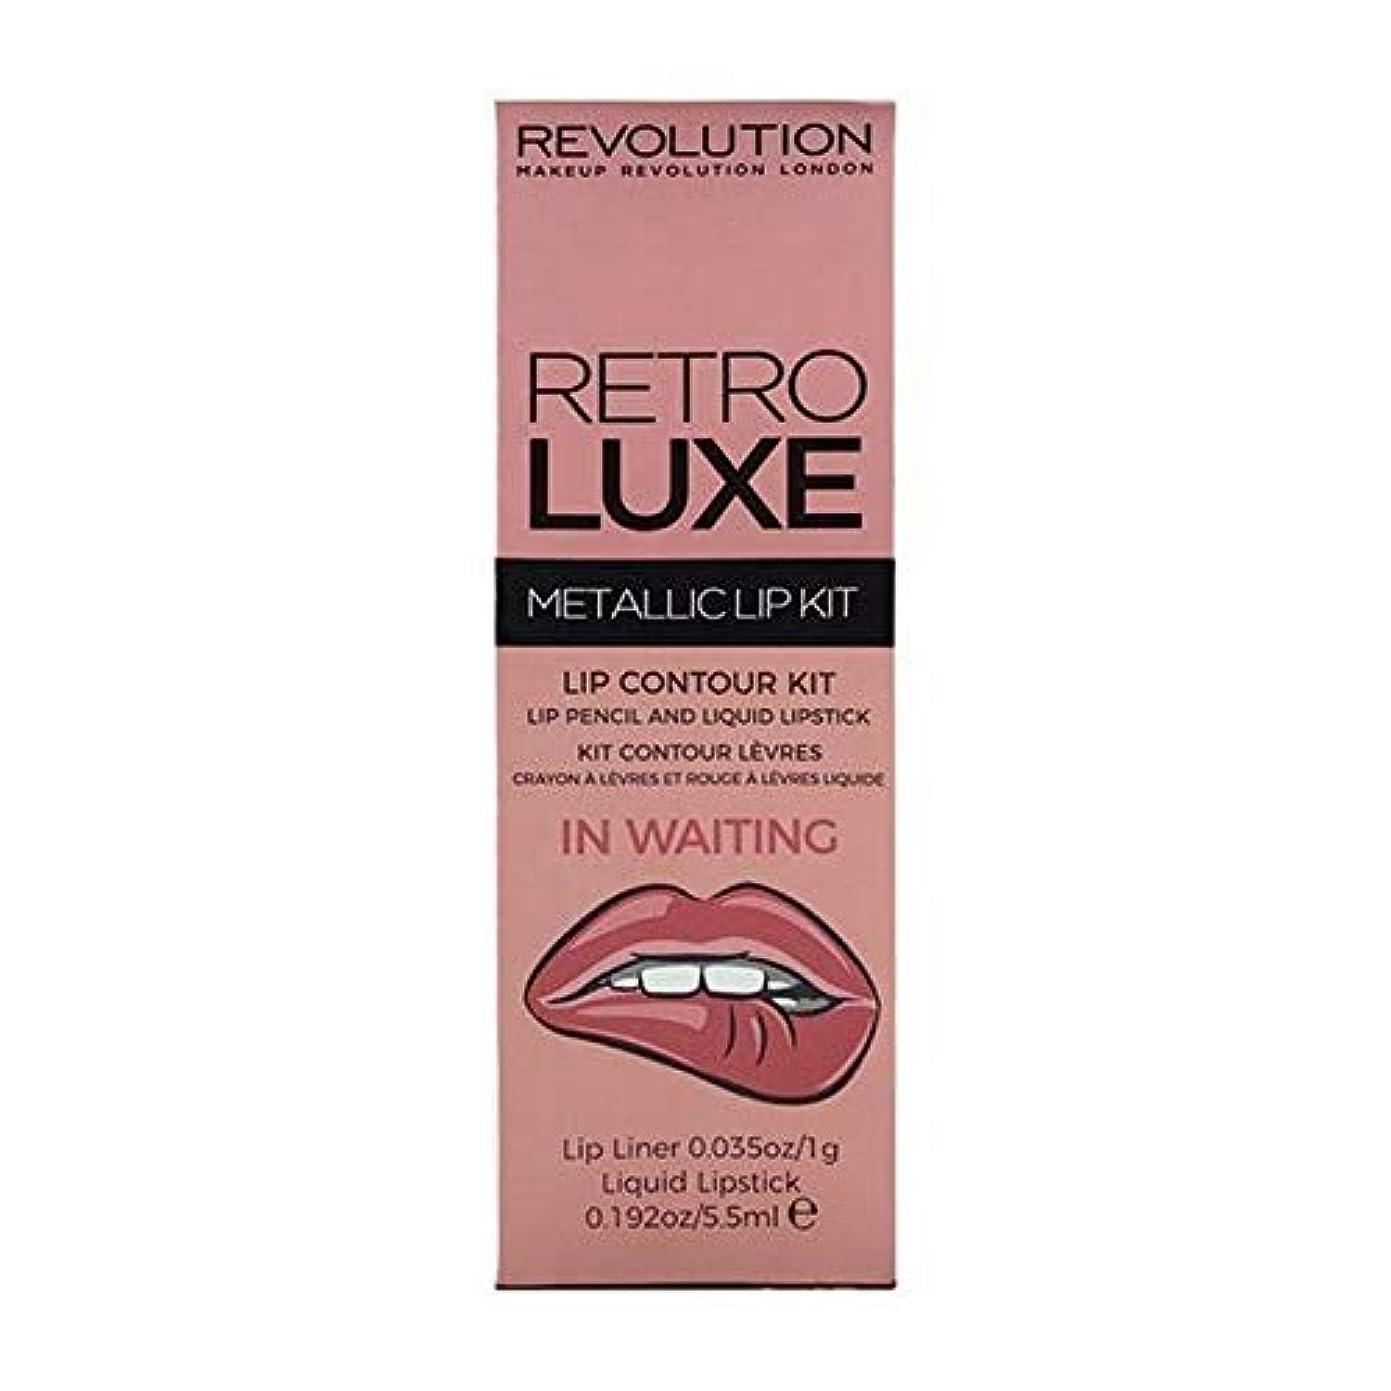 胚芽セージナプキン[Revolution ] 待っているの革命レトロデラックスキットメタリック - Revolution Retro Luxe Kits Metallic In Waiting [並行輸入品]